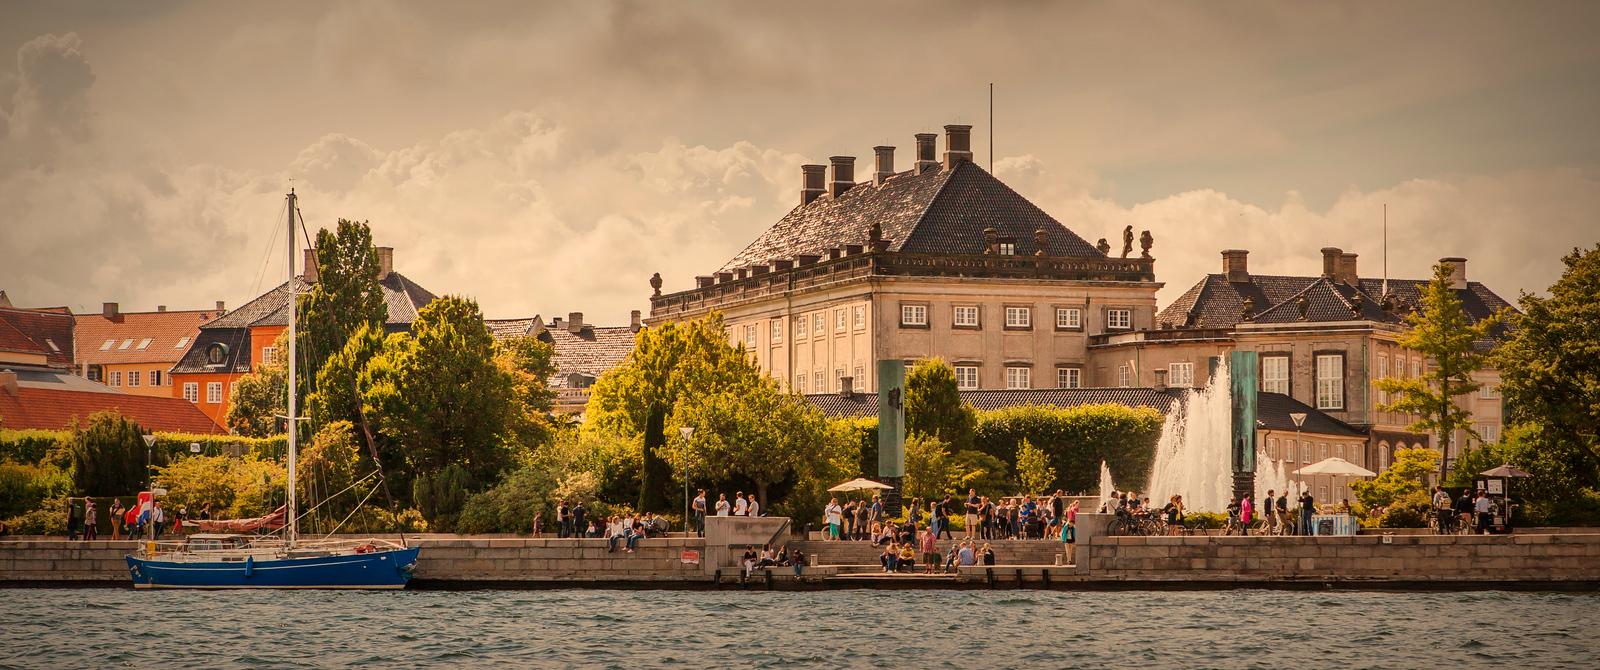 丹麦哥本哈根,岸边的景